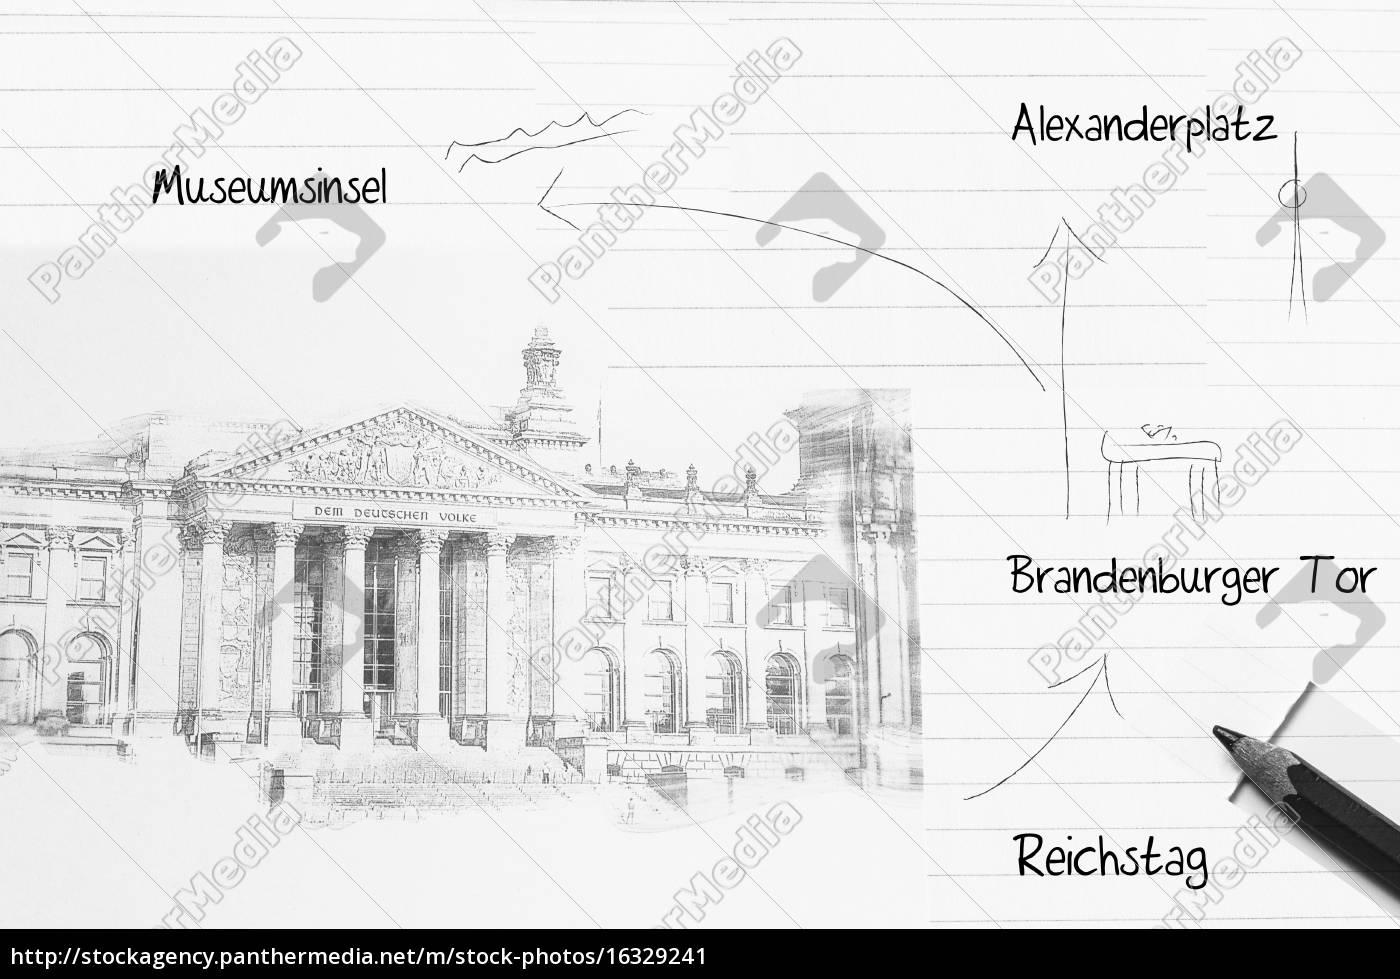 skizze des berliner reichstag - Lizenzfreies Bild - #16329241 ...